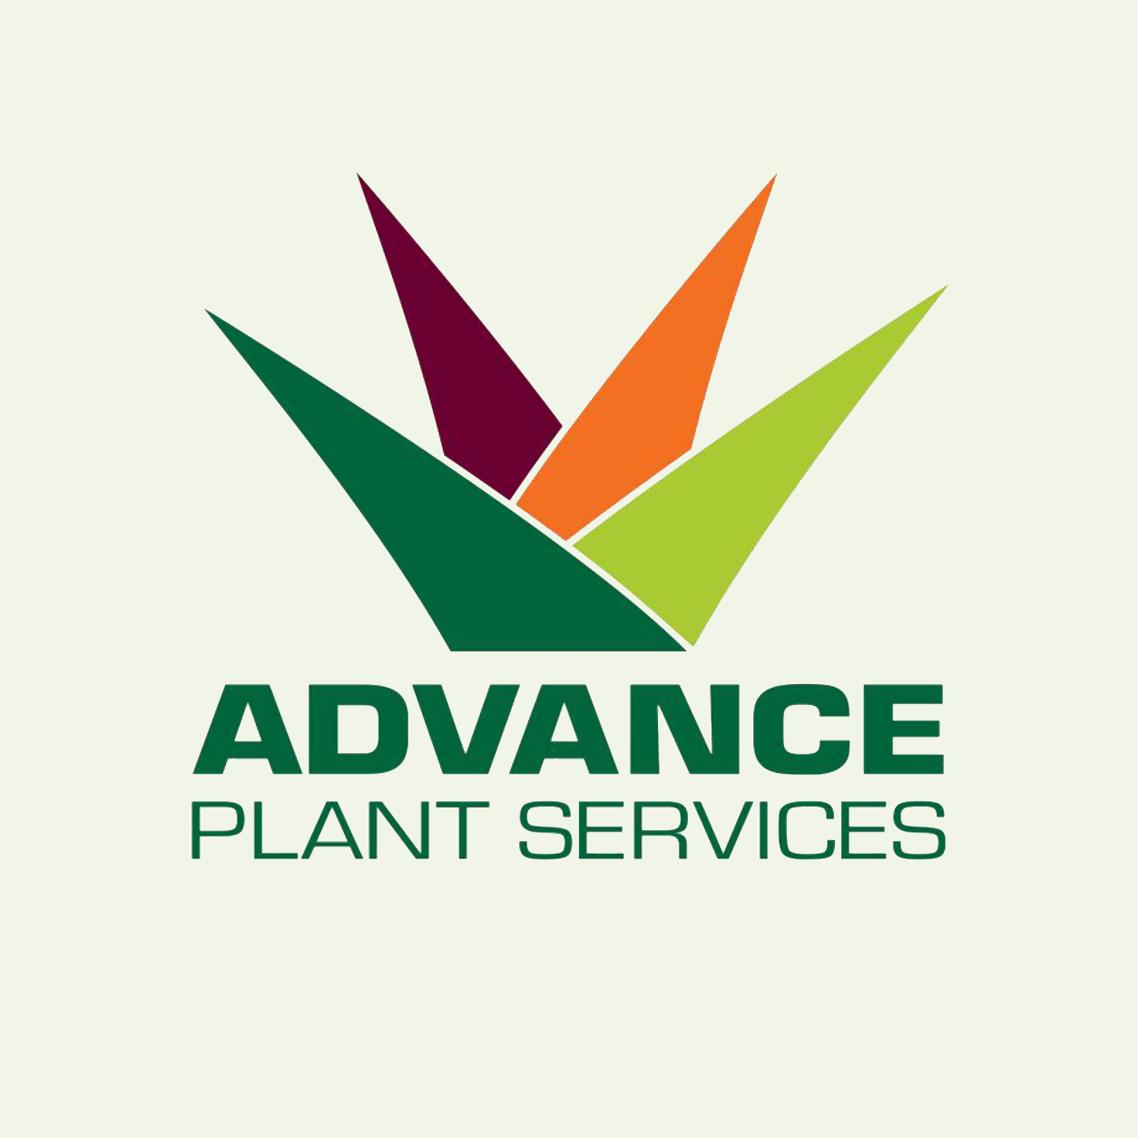 Advance Plant Services